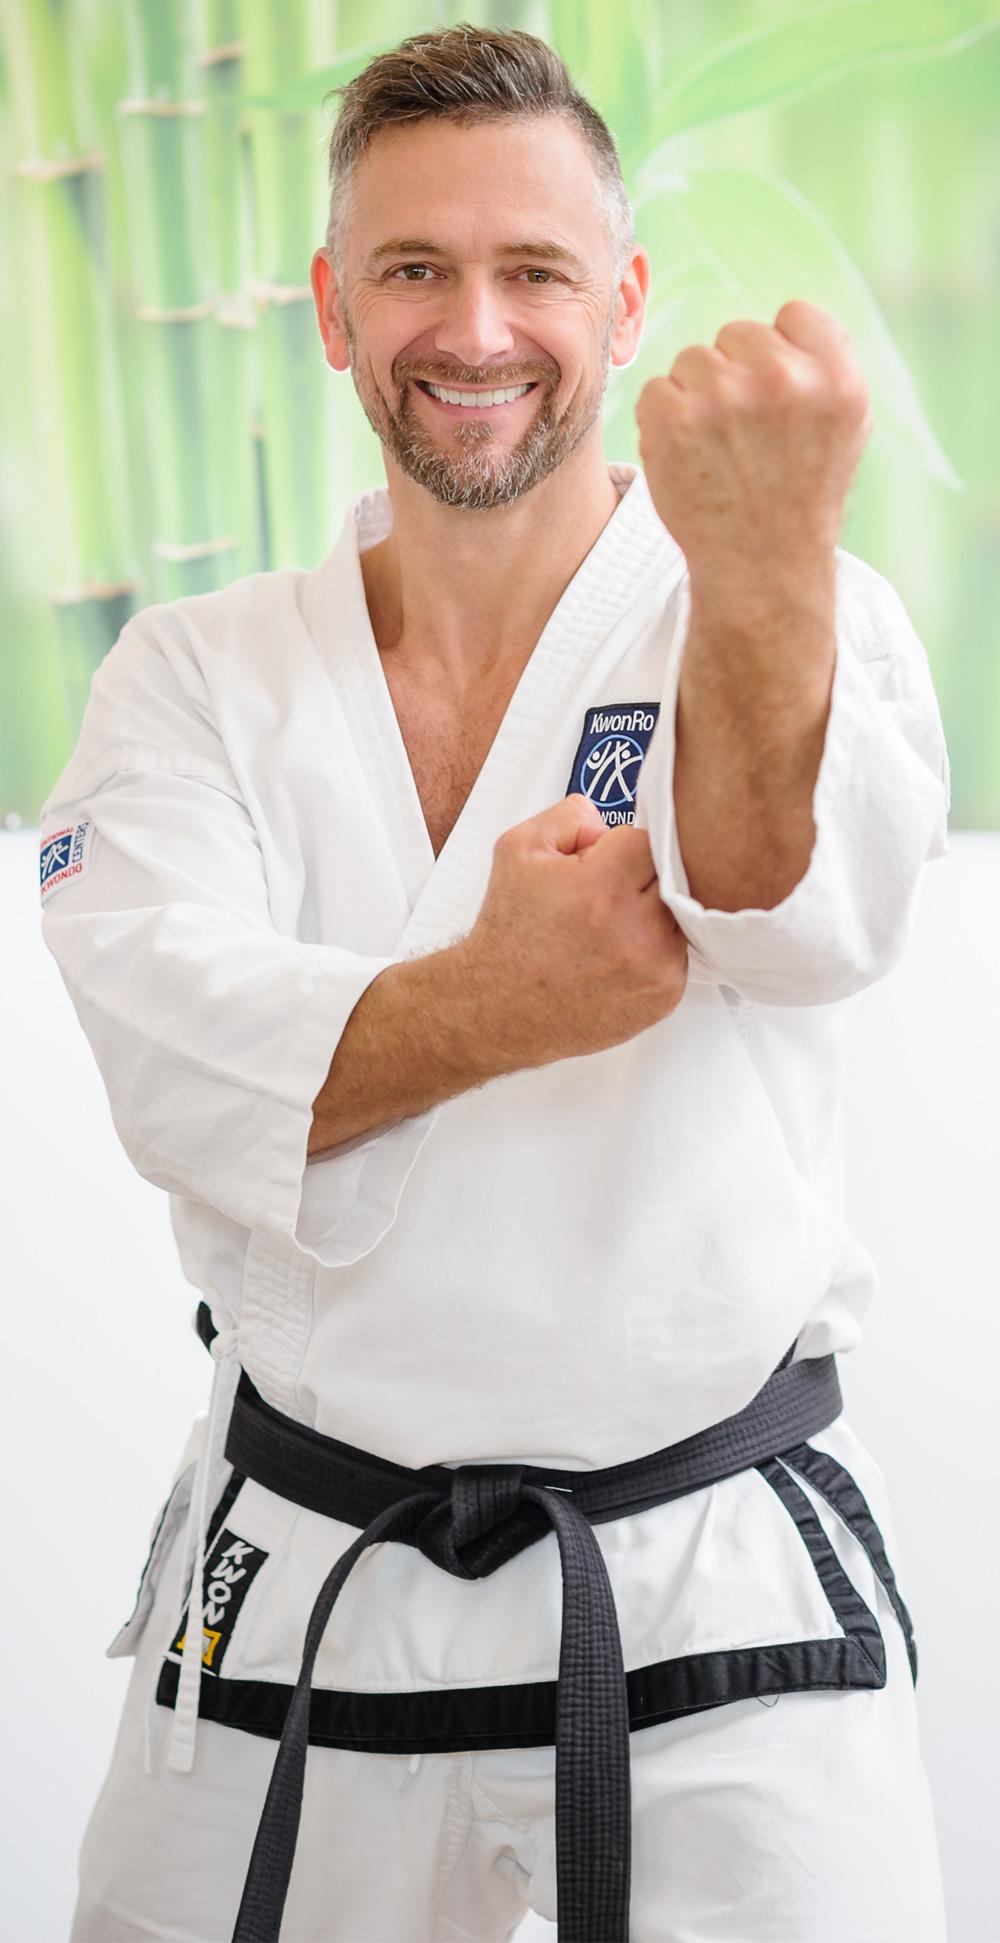 Stefan Roitner